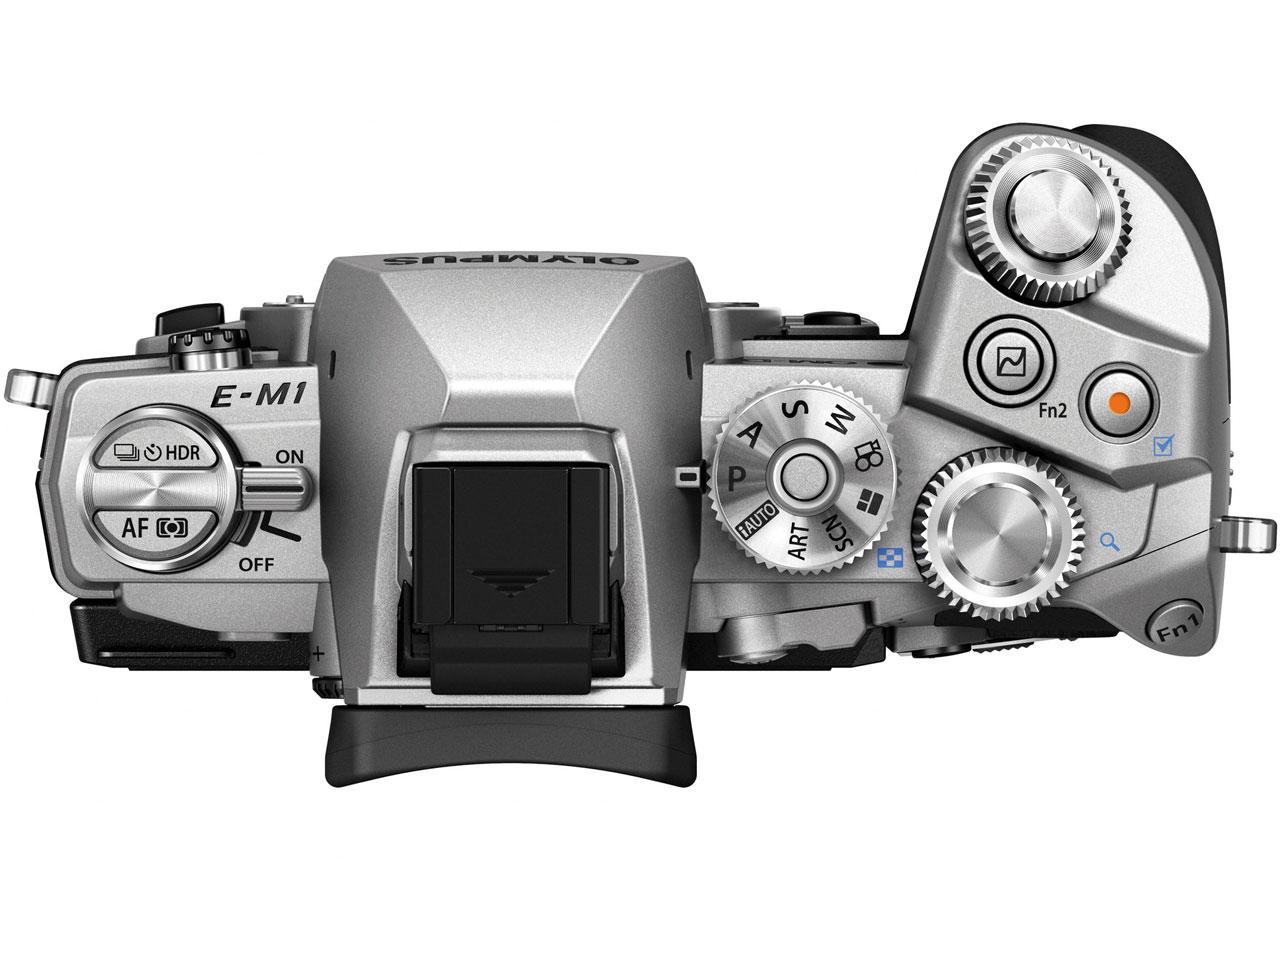 『本体 上面』 OLYMPUS OM-D E-M1 ボディ [シルバー] の製品画像